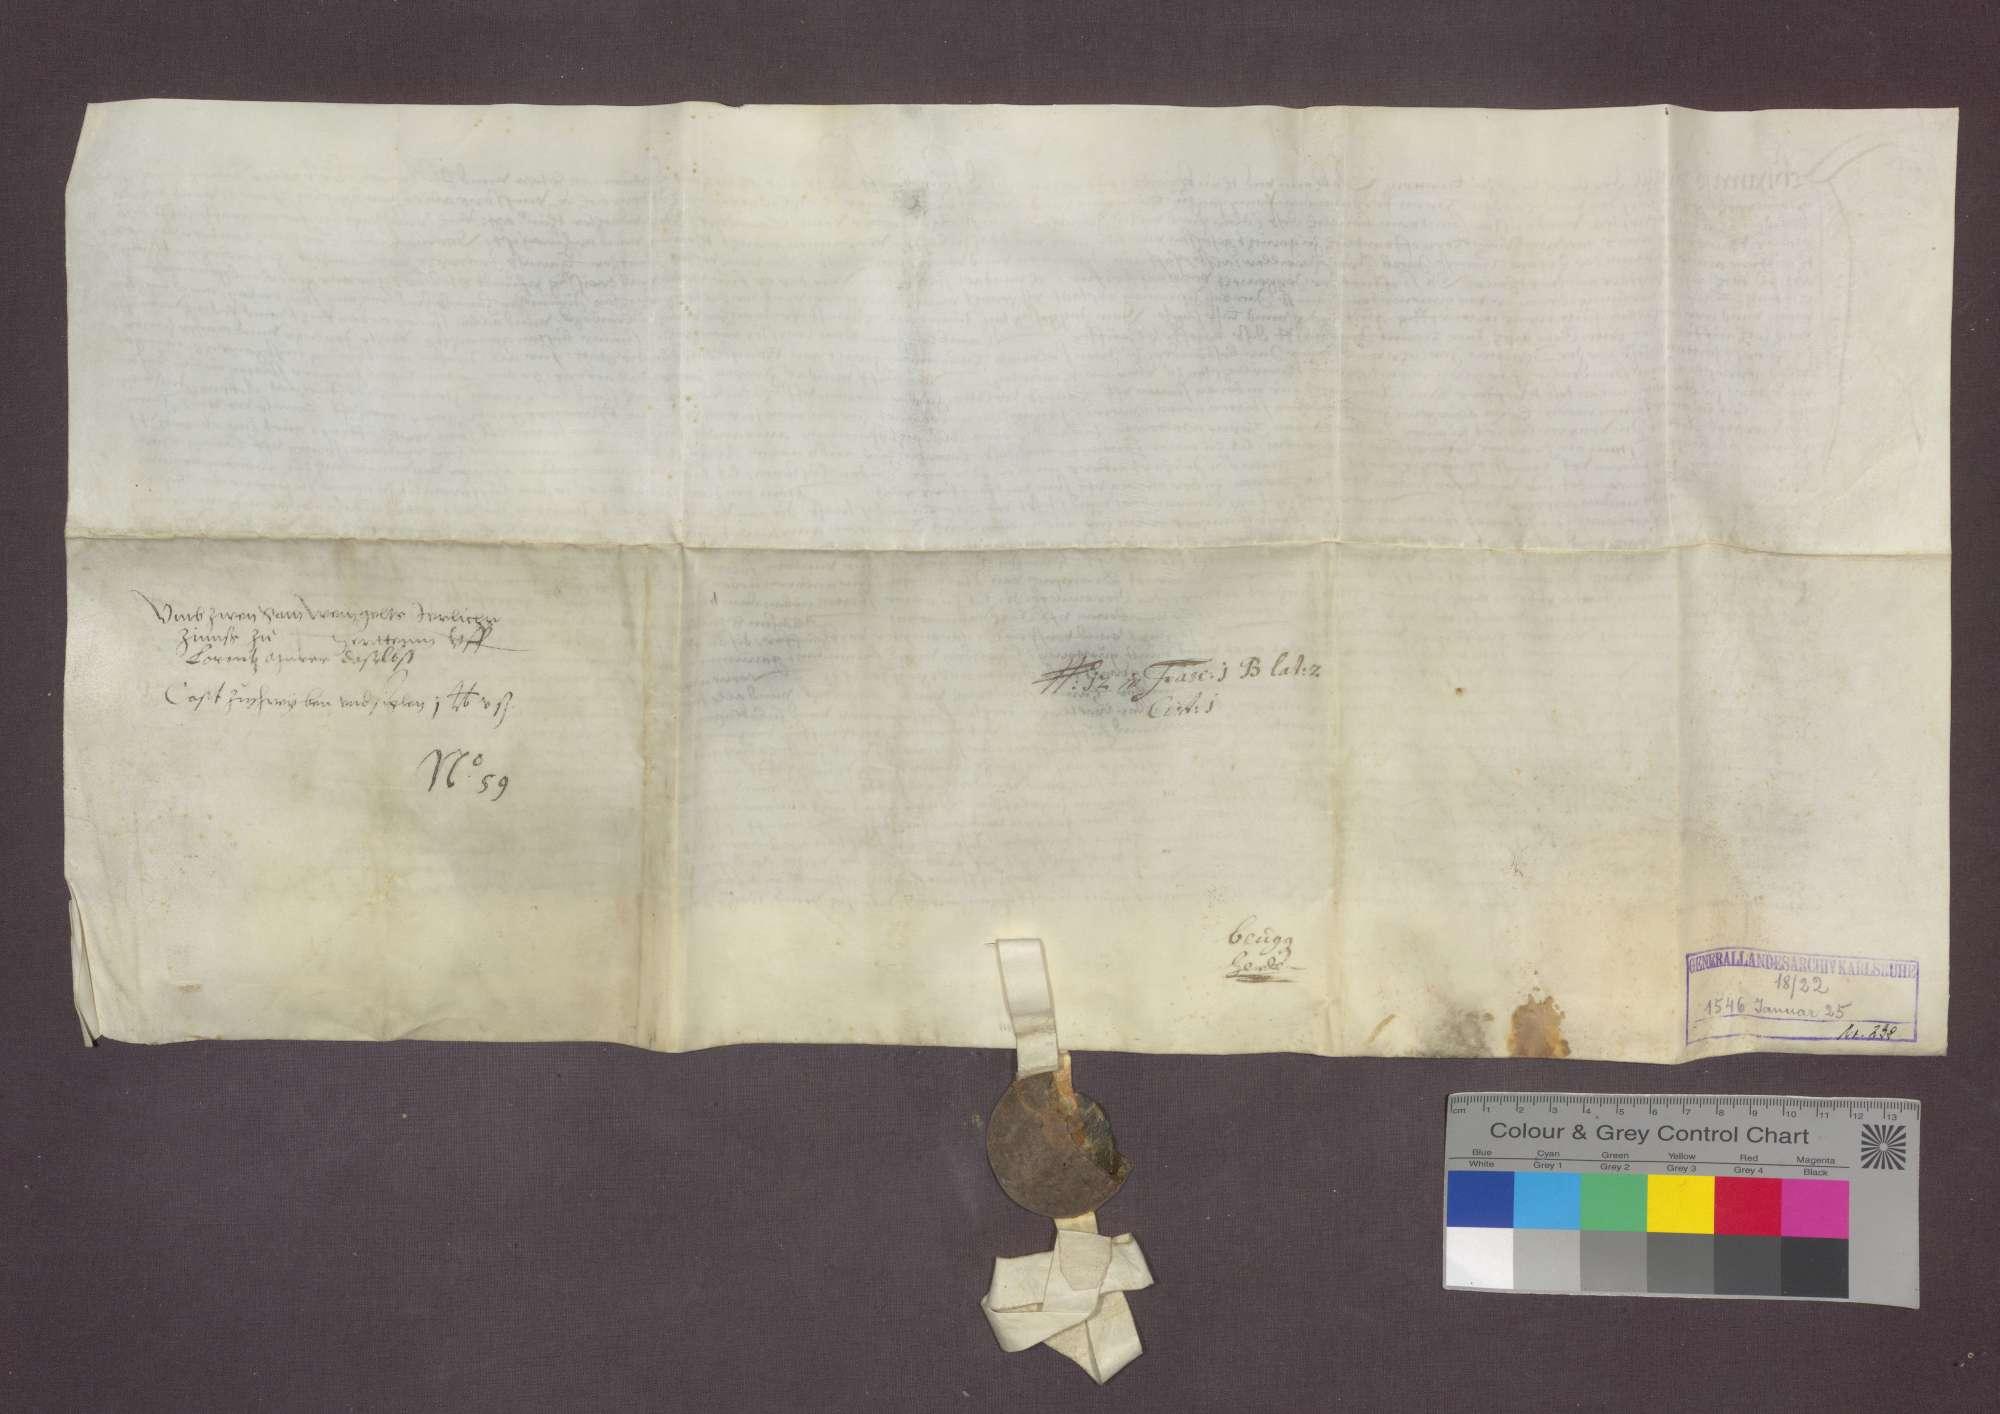 Lorenz Maurer von Herten verkauft an Hans Friedrich von Landegg eine Gült von 2 Saum Weißwein von Gütern in Herten um 30 Pfund Stebler., Bild 2